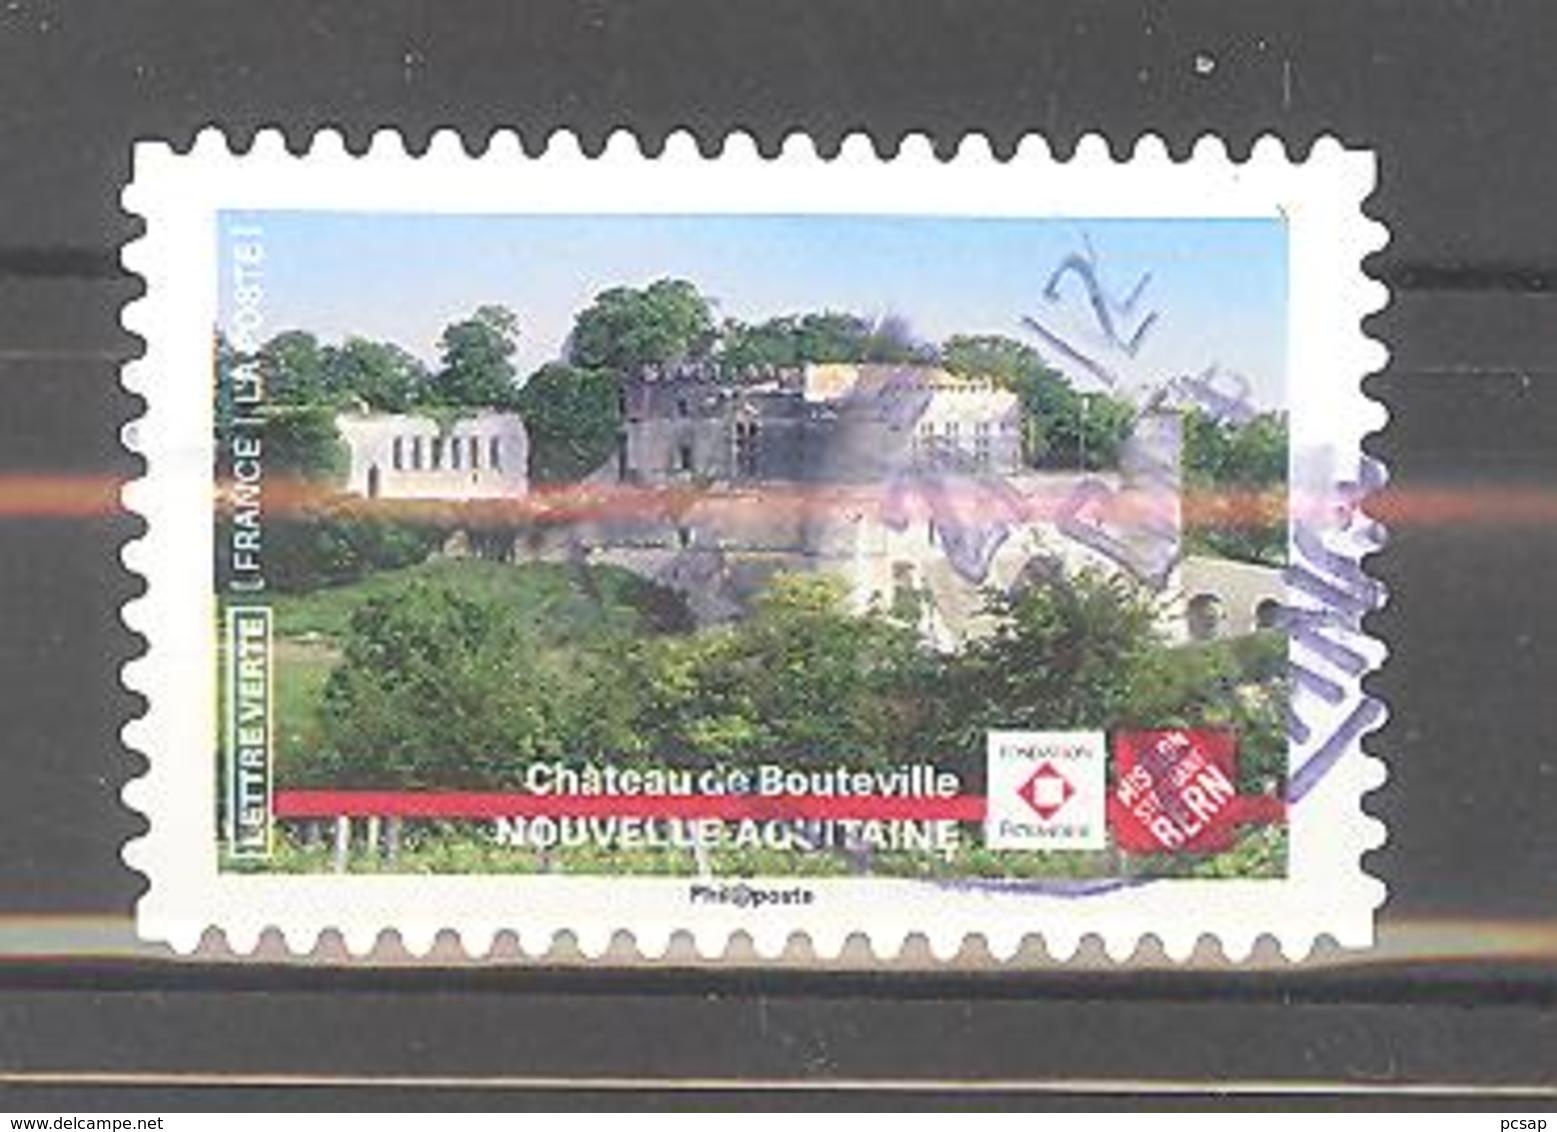 France Autoadhésif Oblitéré (Ensemble Sauvons Notre Patrimoine : Château De Bouteville) (cachet Rond) - Oblitérés